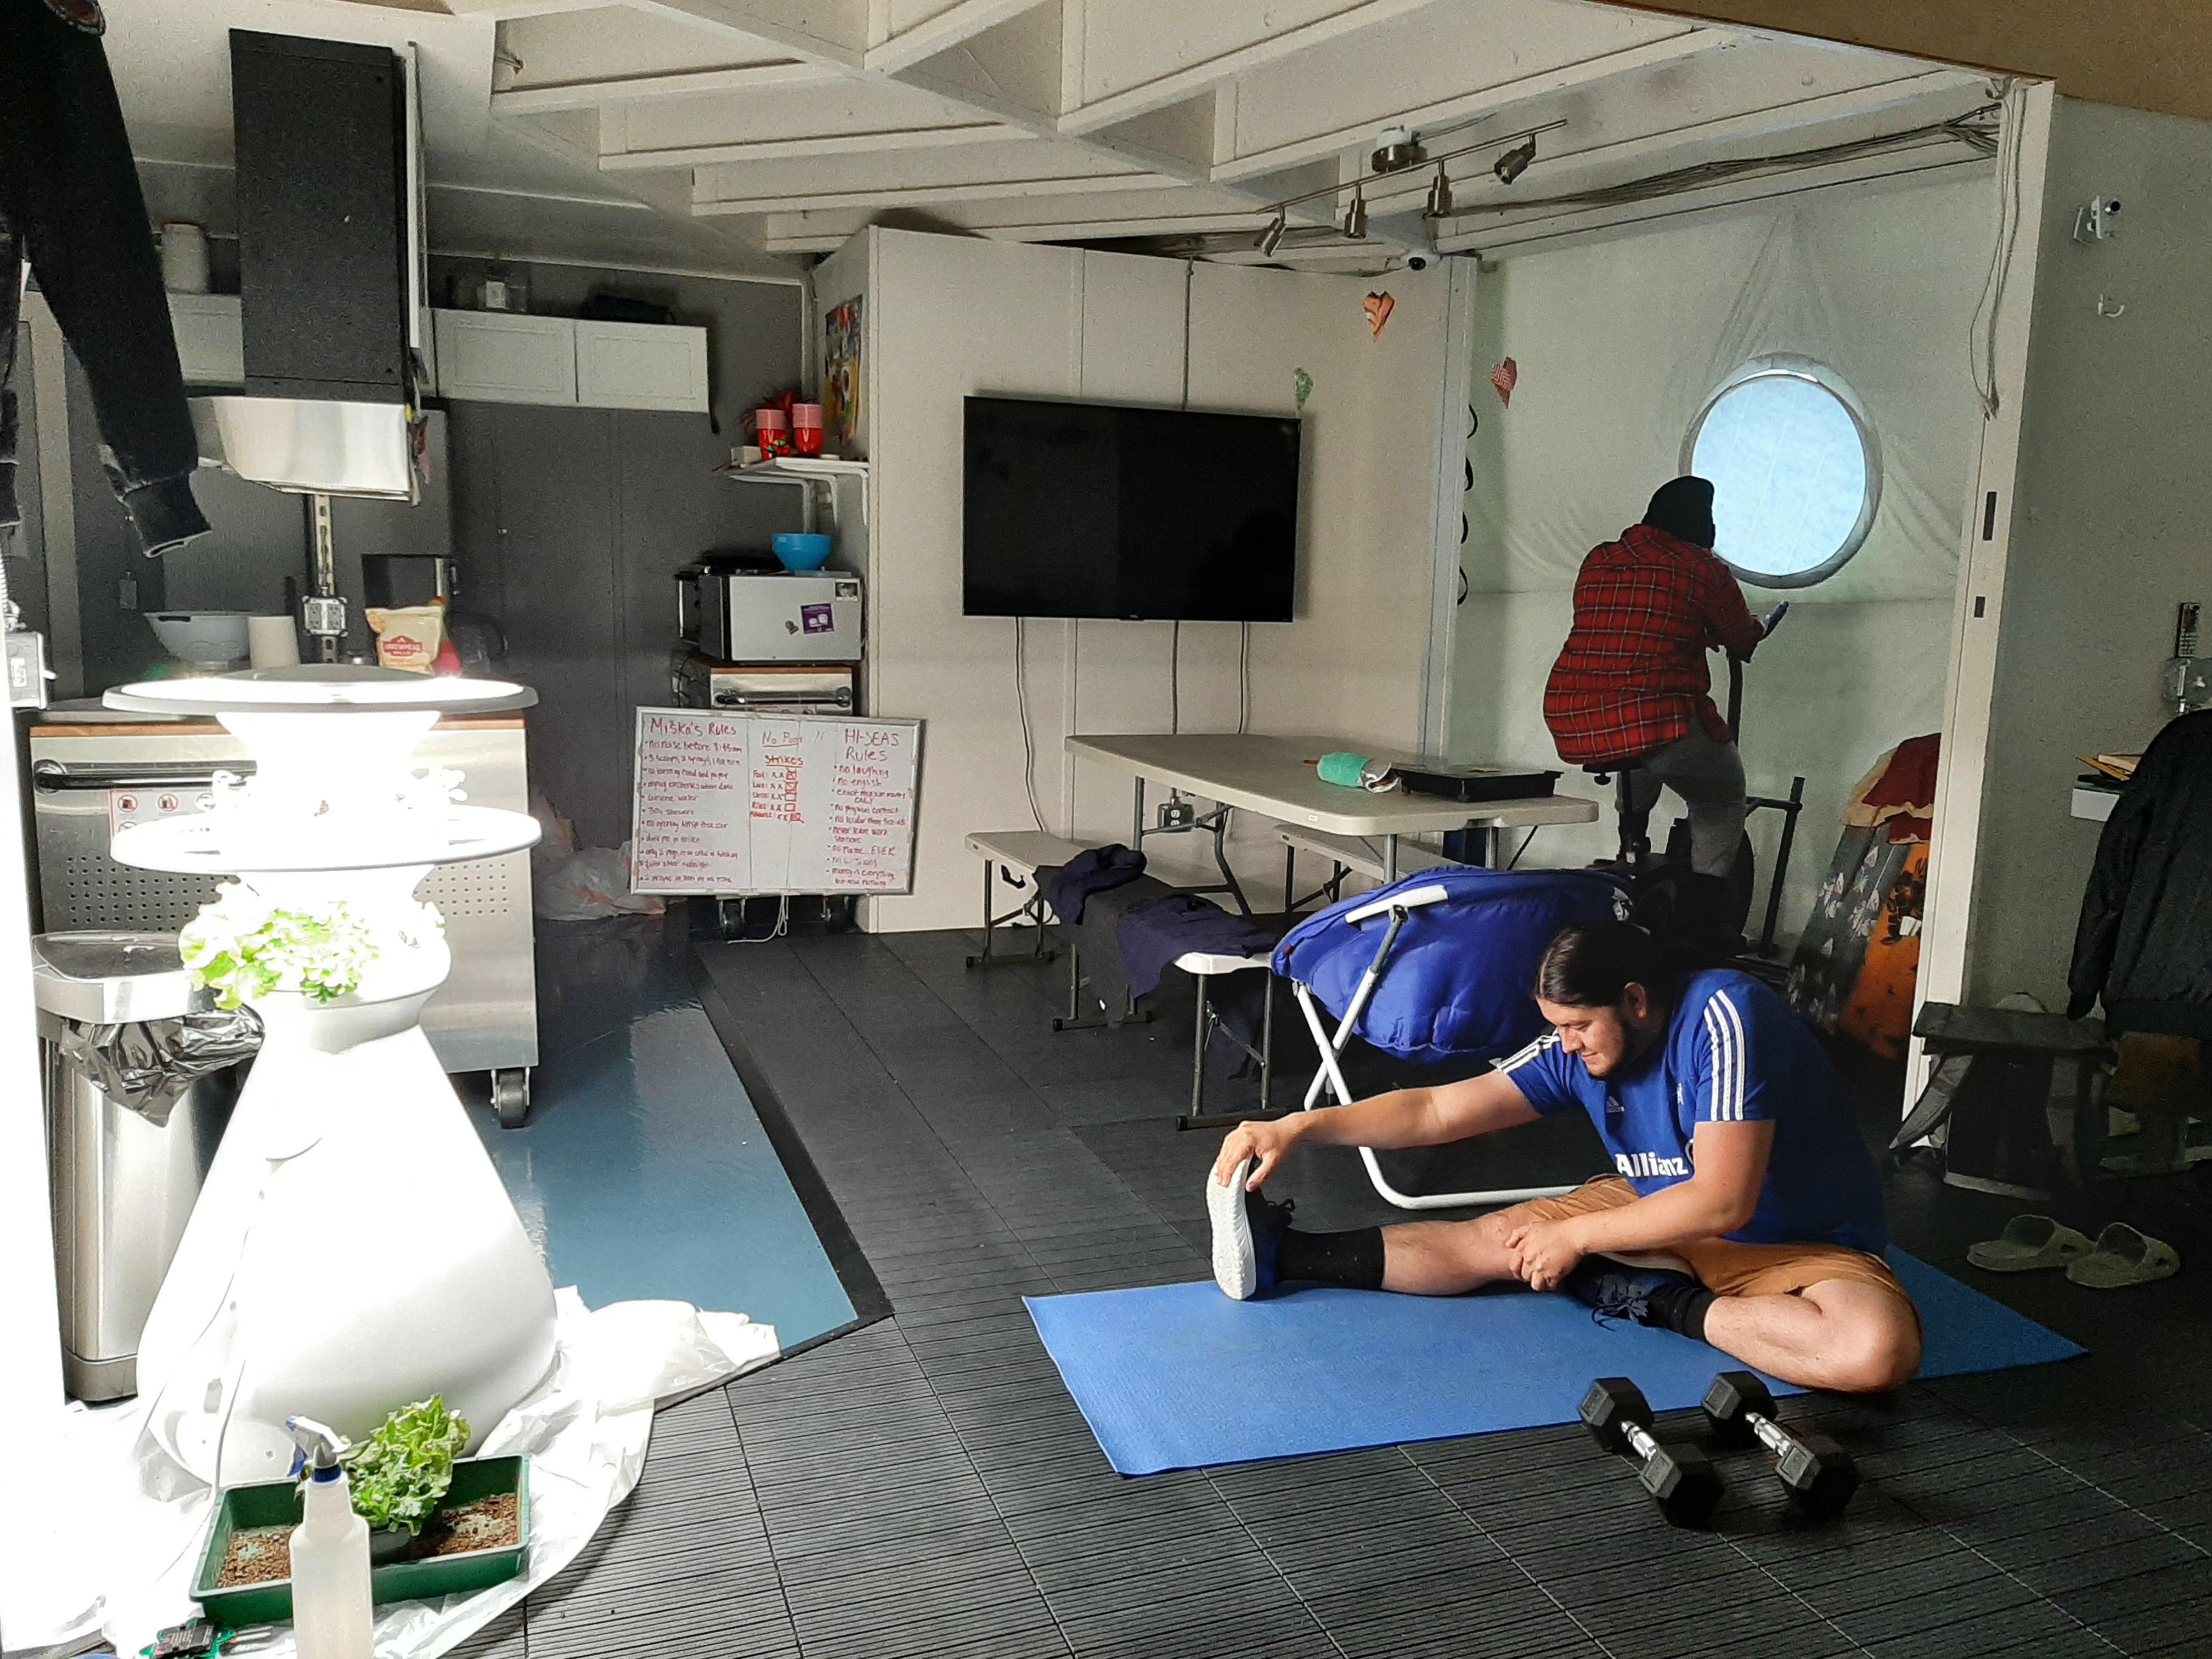 Les membres d'équipage de Selene III s'exercent à l'intérieur à l'aide du vélo stationnaire et d'autres équipements d'exercice disponibles à HI-SEAS.